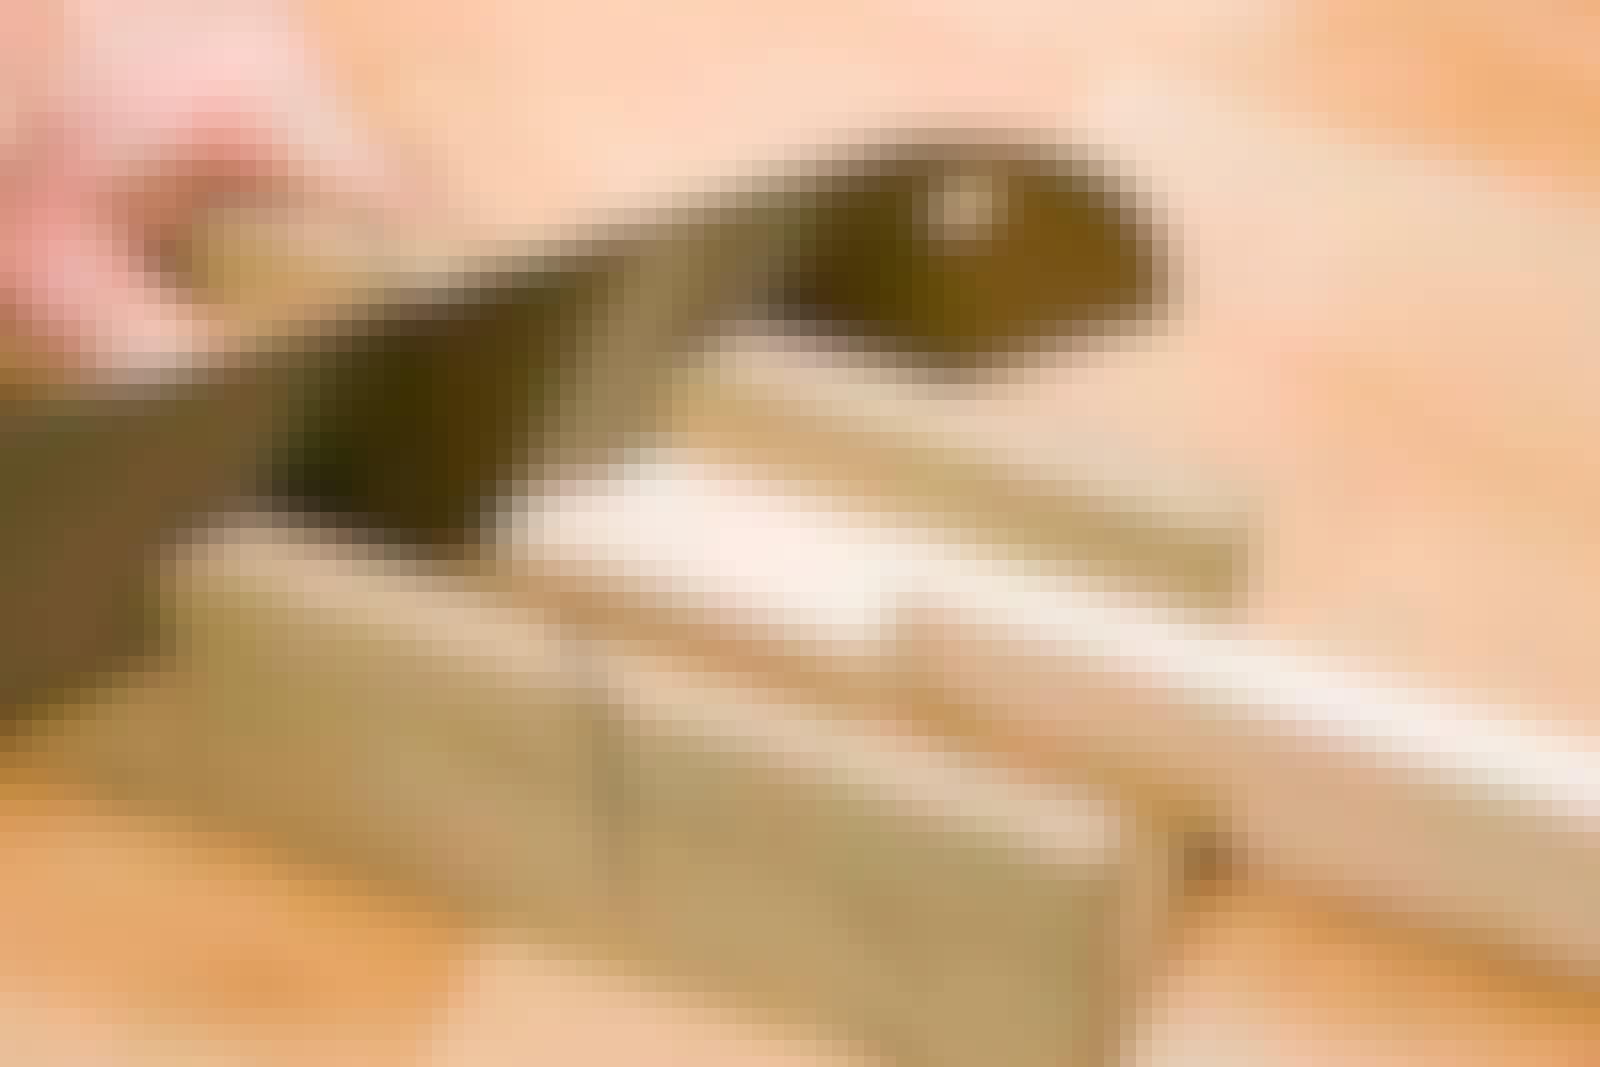 Fodpaneler: Usynlig længdesamling